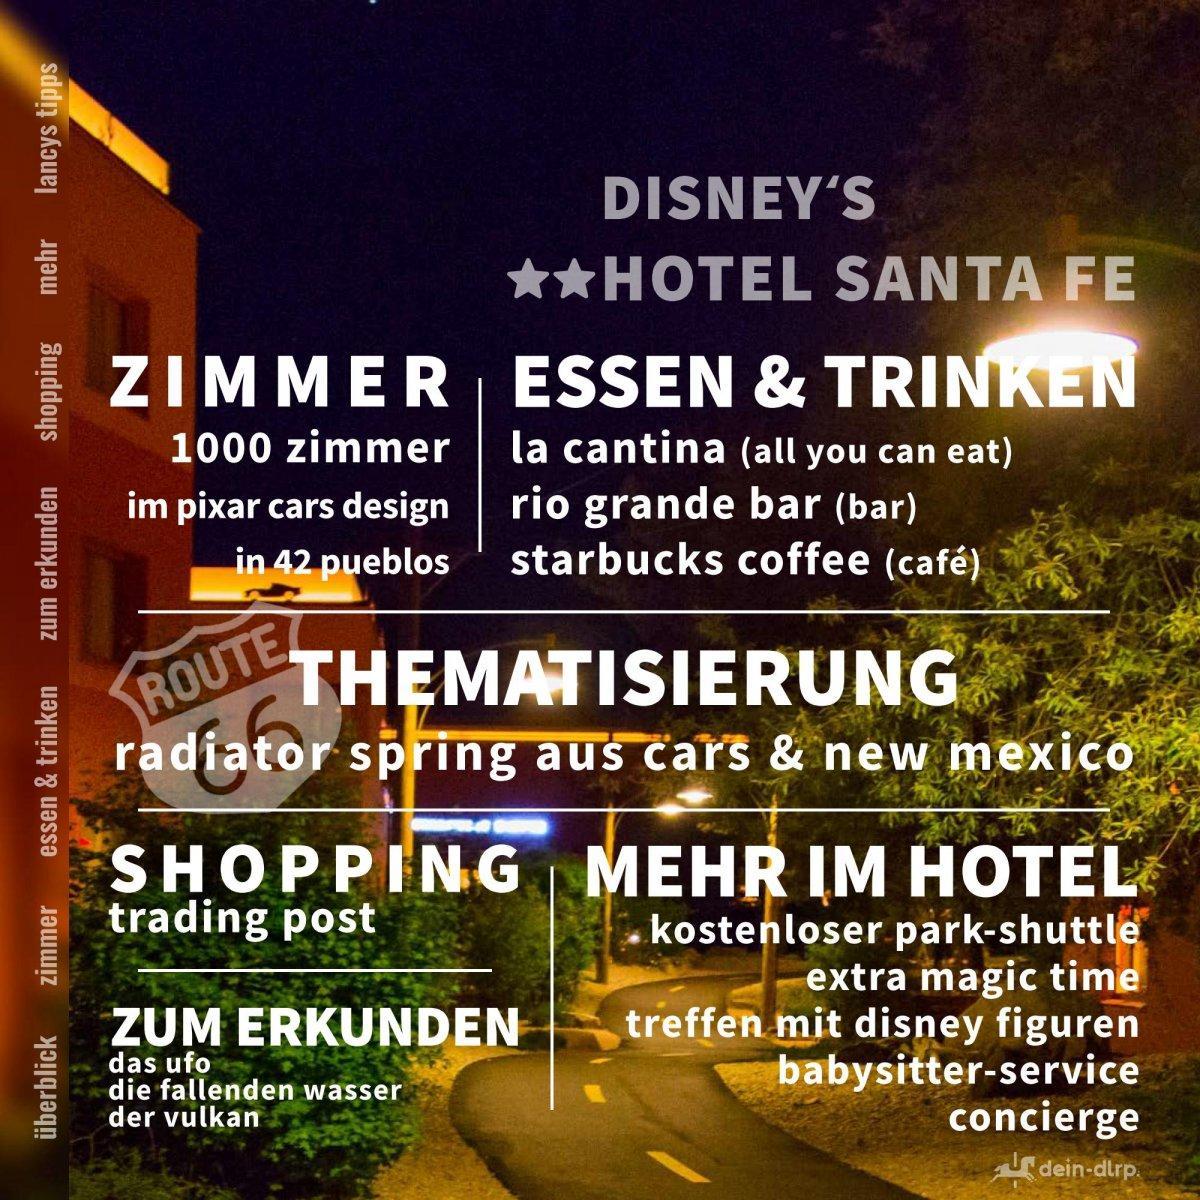 disneys-hotel-santa-fe-hotel-fuehrer_02.jpg